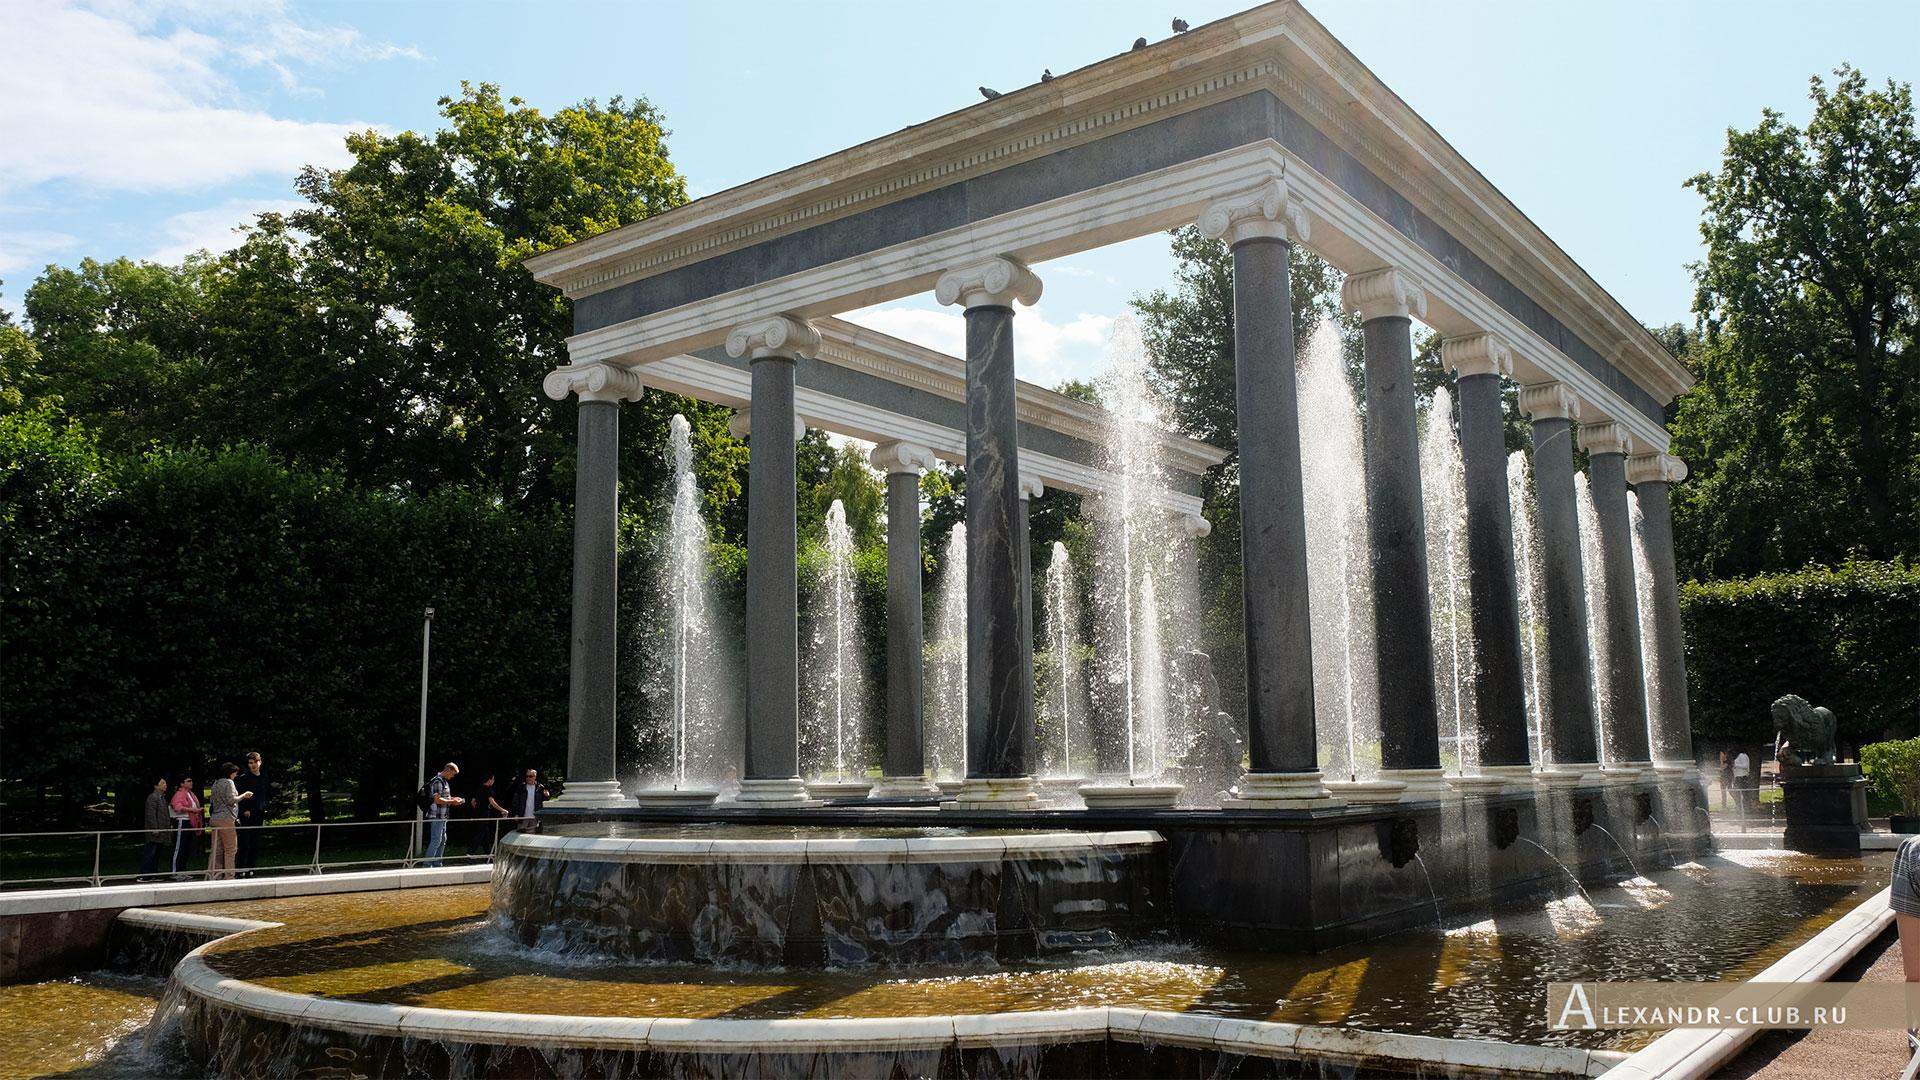 Петергоф, лето, Нижний парк, фонтан «Львиный каскад»